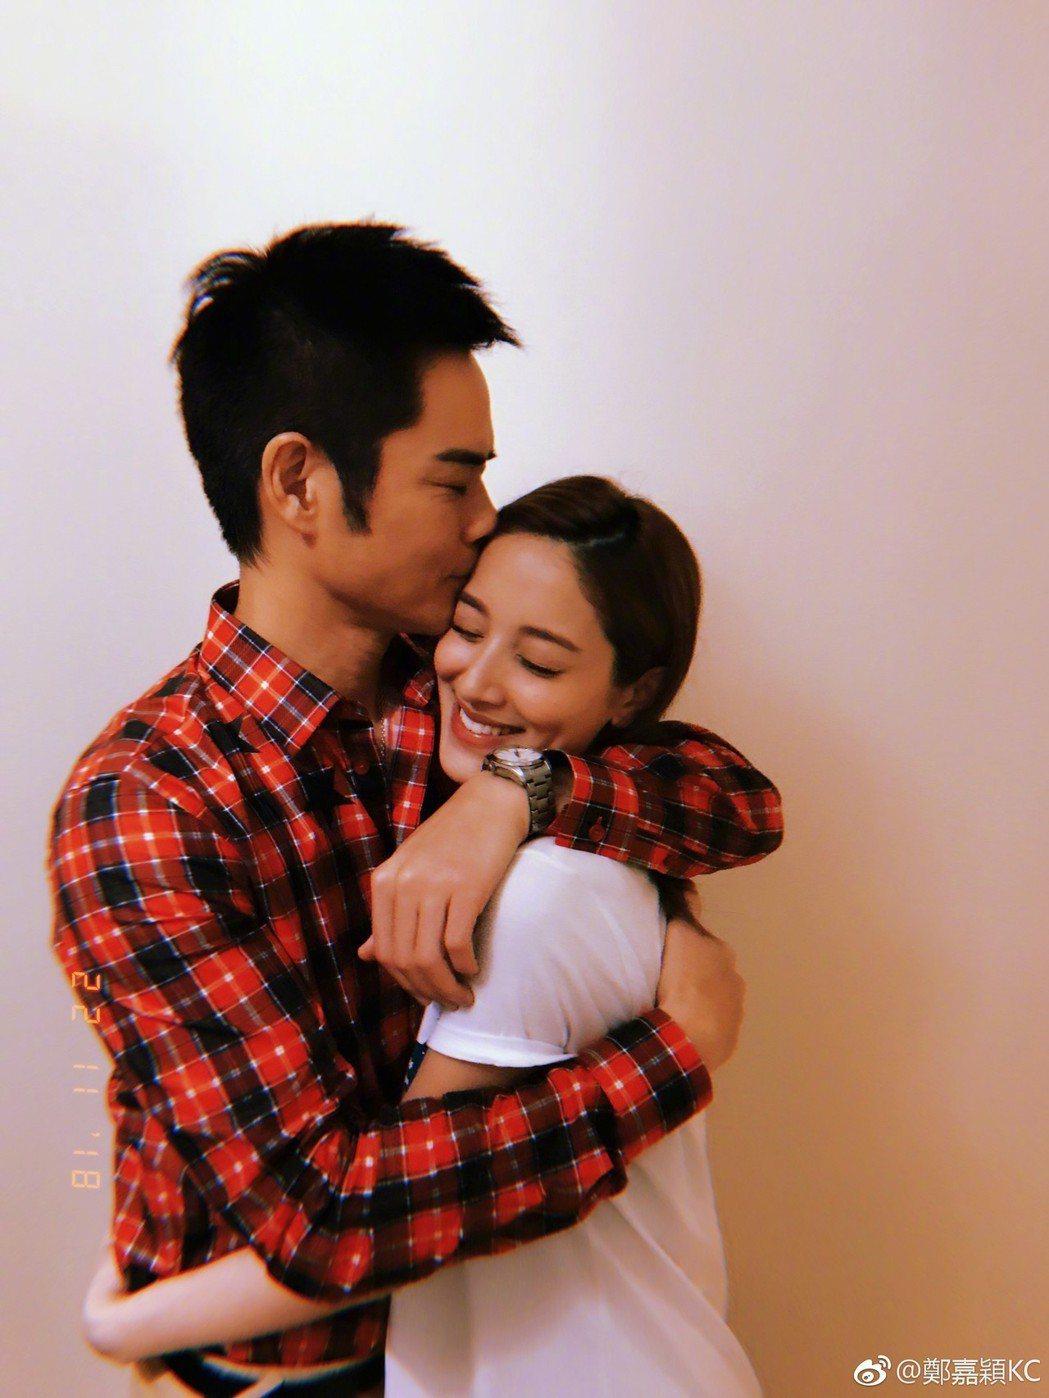 鄭嘉穎去年娶港姐陳凱琳,現又迎來新生兒。圖/摘自微博